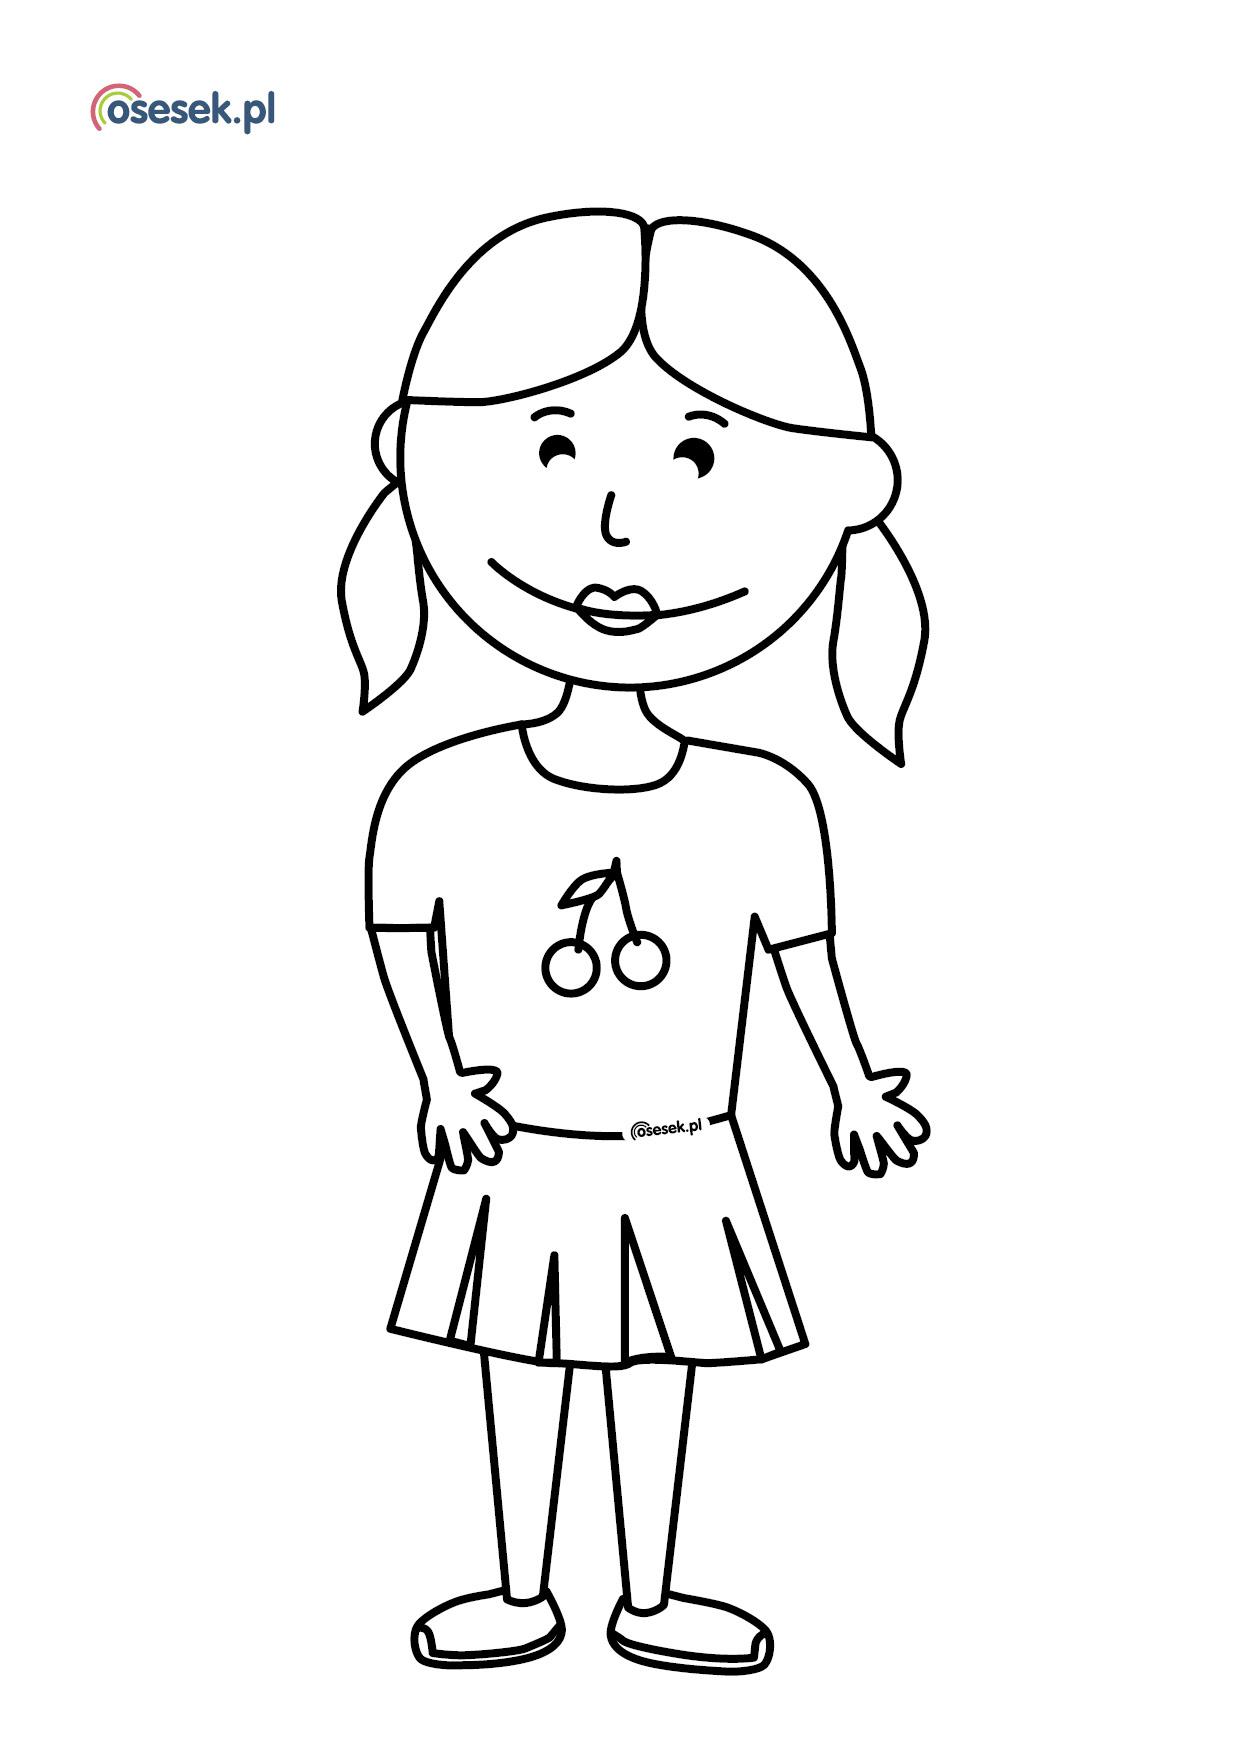 Dziewczynka Kolorowanka Dla Dzieci Do Druku Osesek Pl